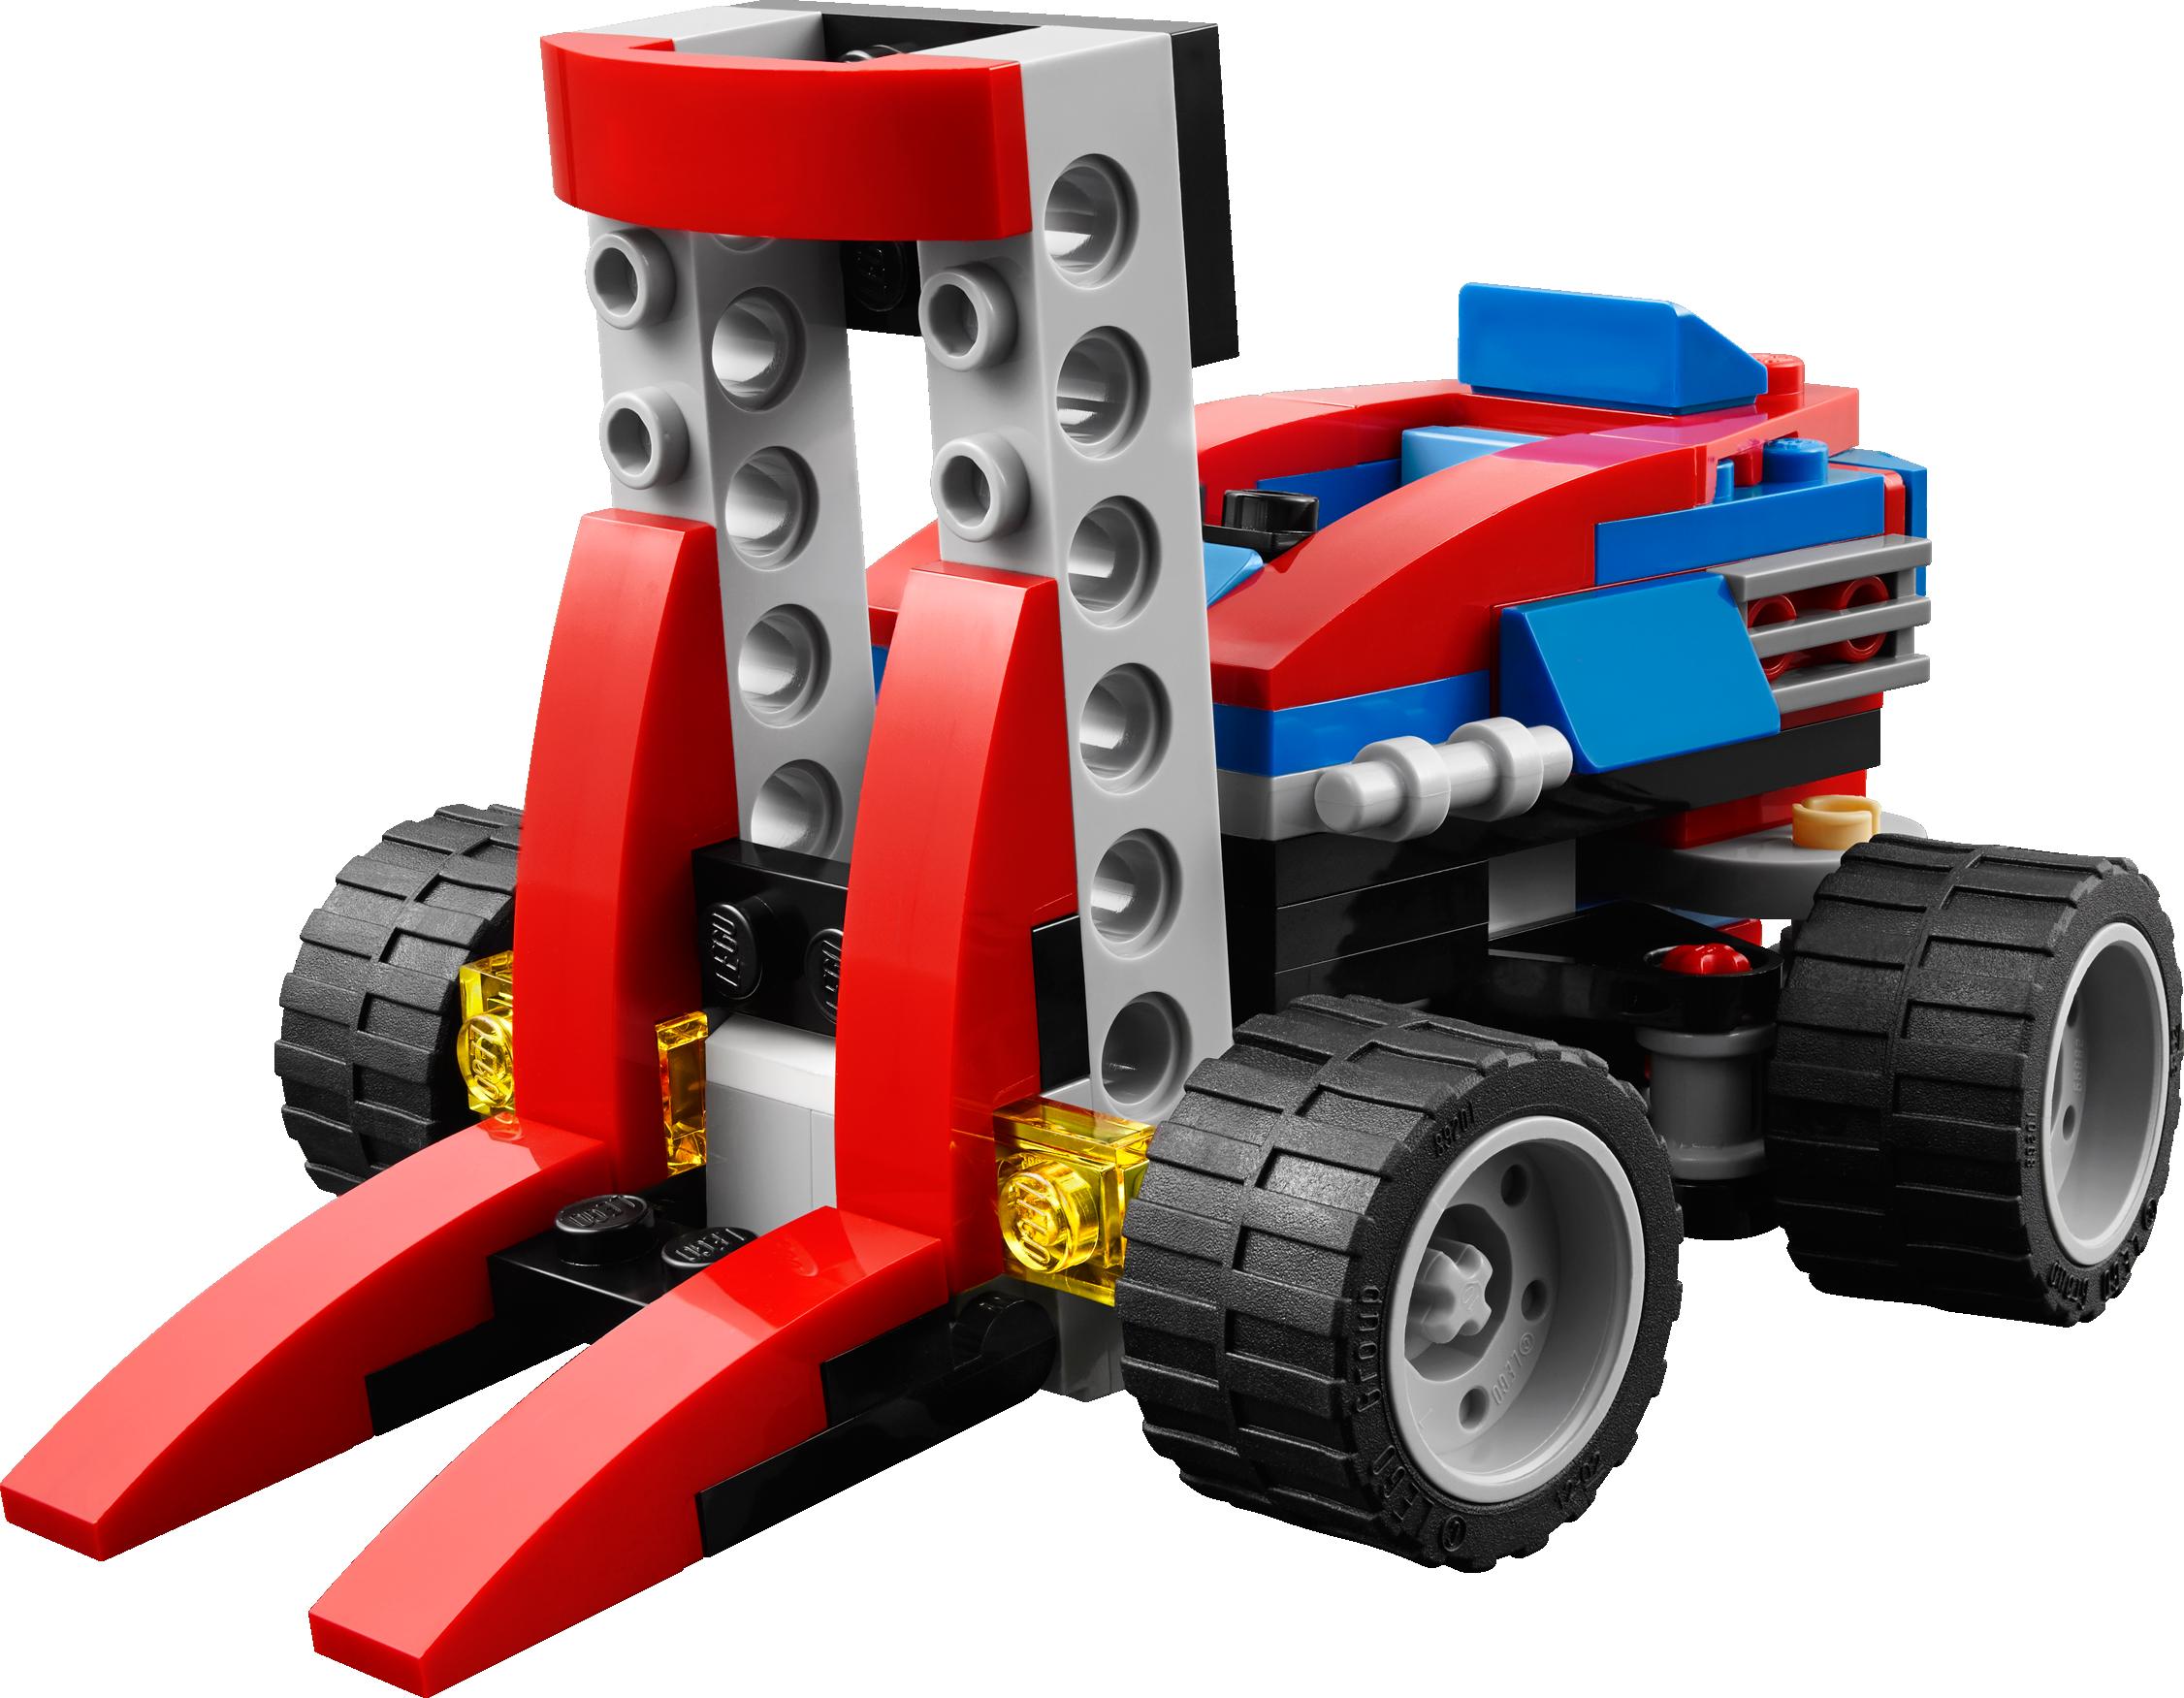 Red Go-Kart